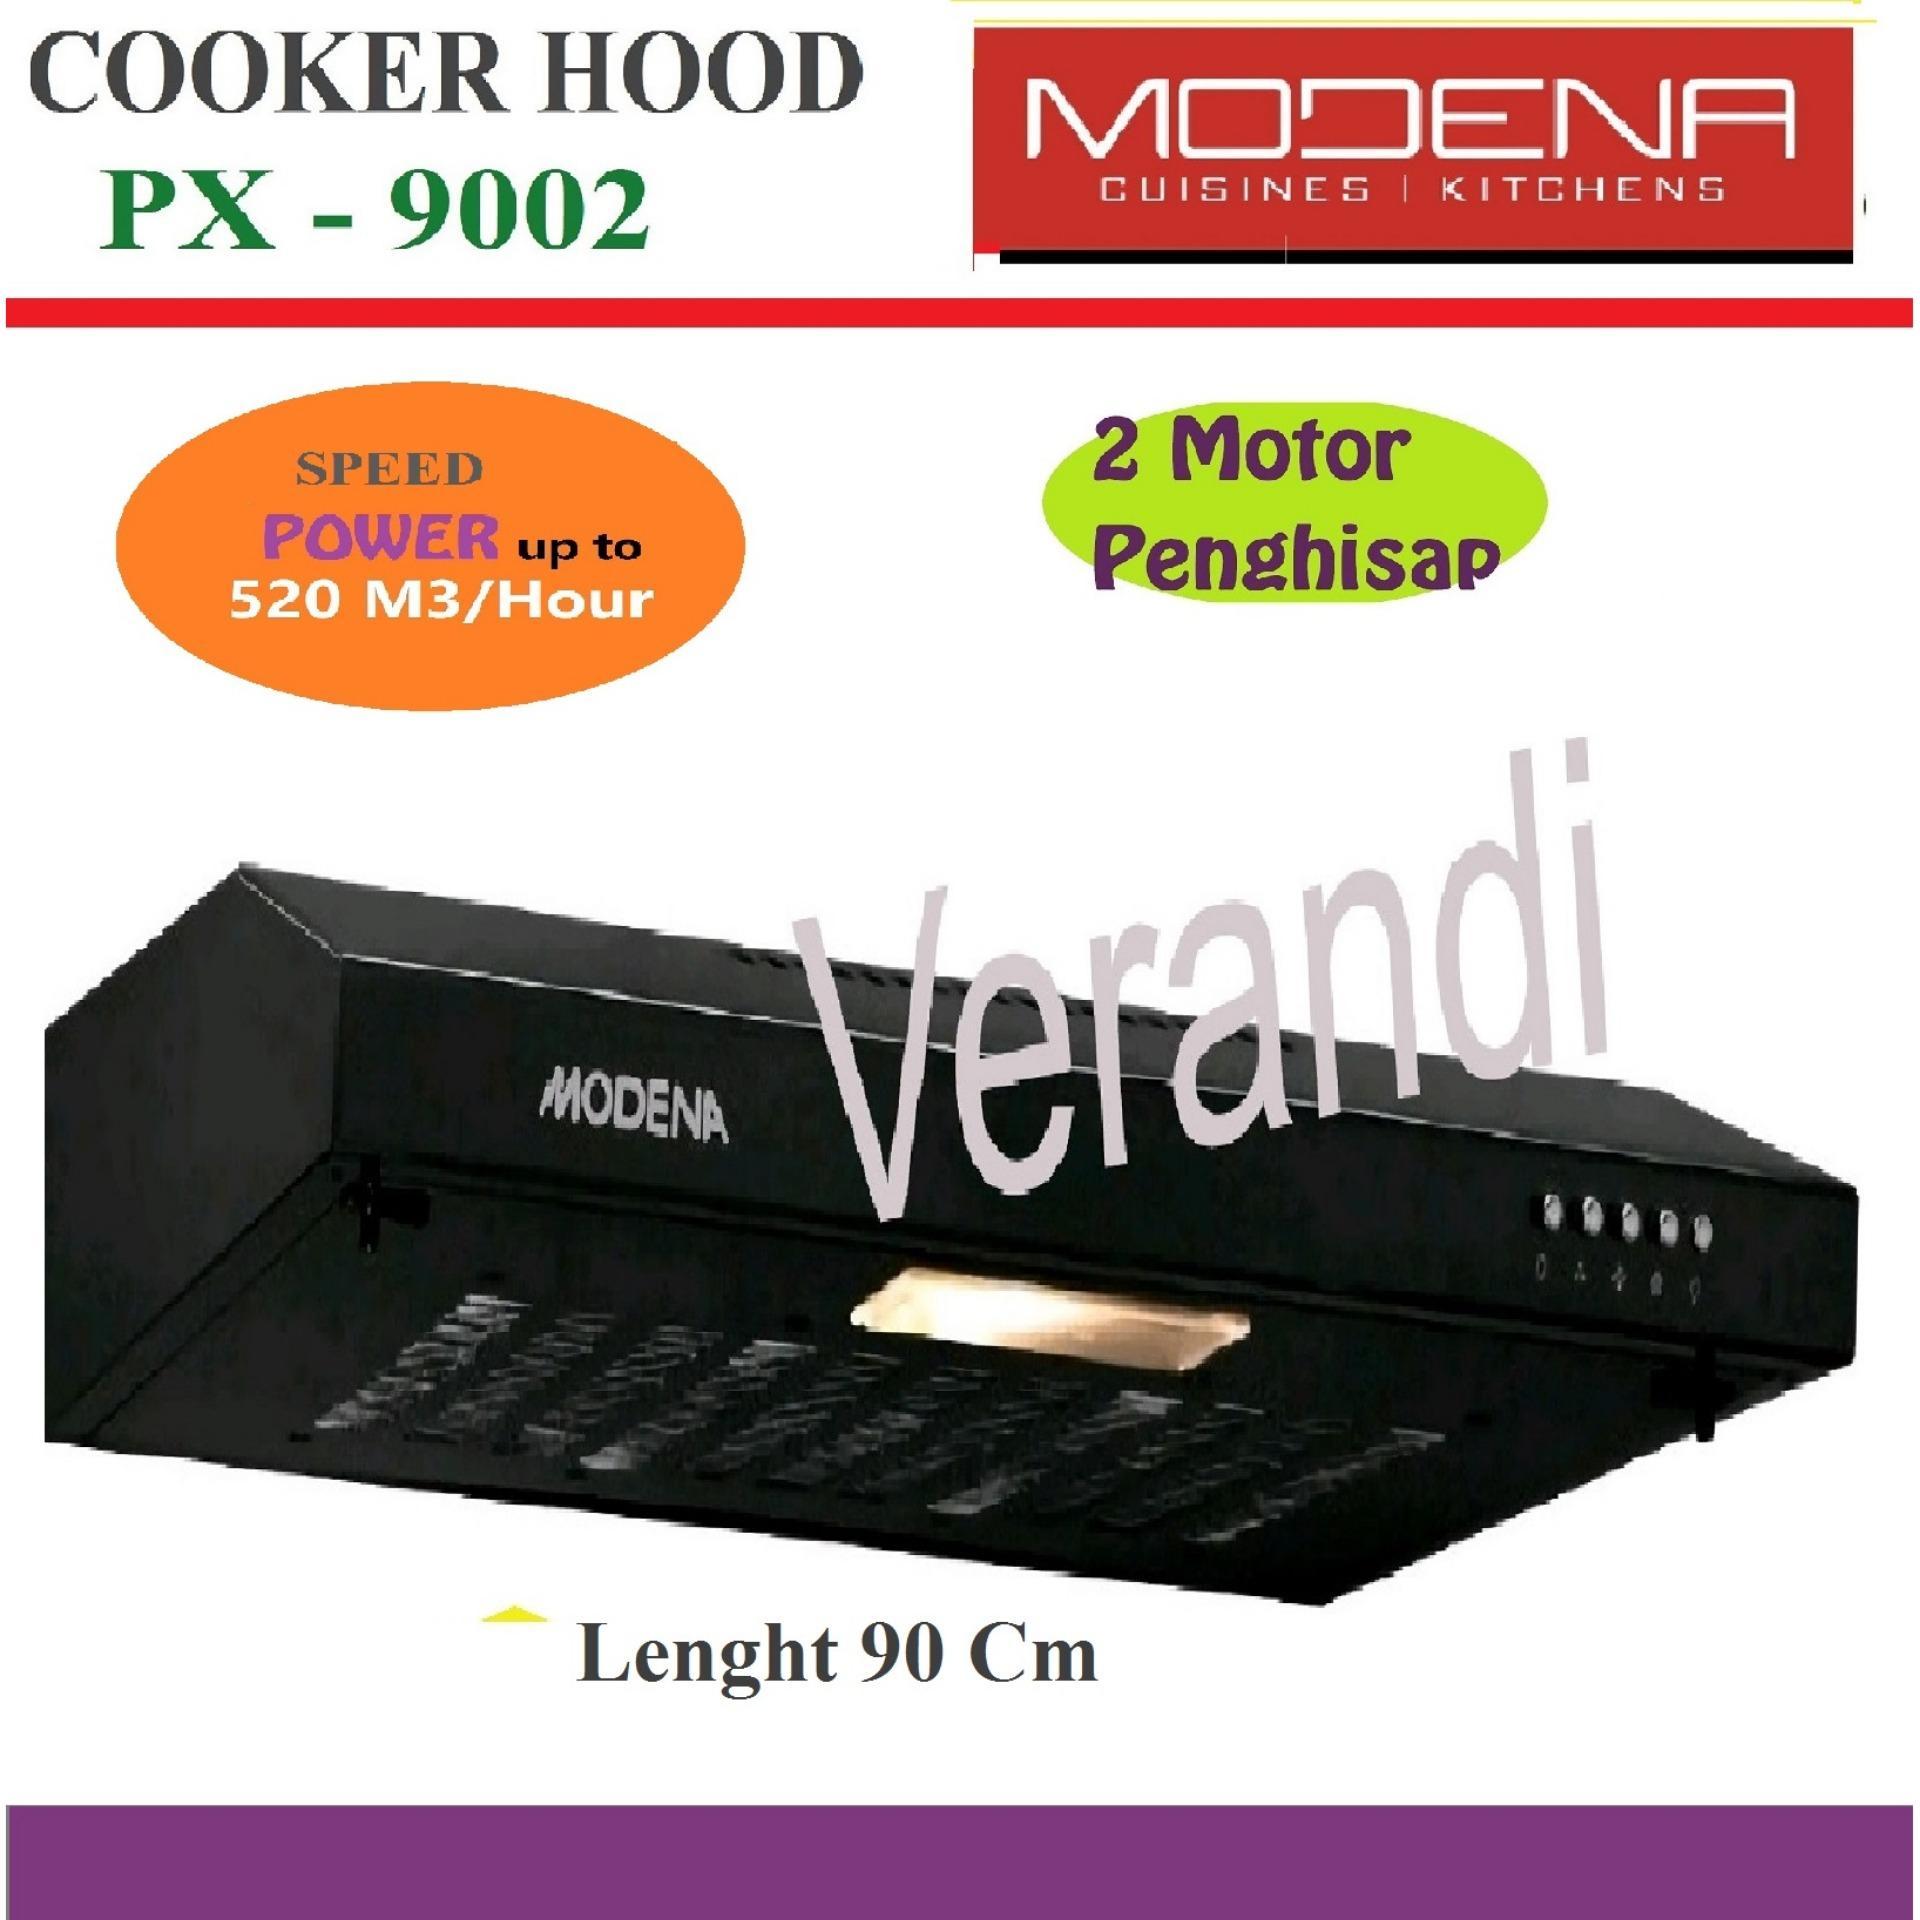 Modena Px7001 Cooker Hood 70cm Hitam Daftar Harga Terbaru Dan Linea Lsh 601 Black Exhaust Kompor Promo Penghisap Asap Px 9002 Sedotan Sangat Kuat 520 M3